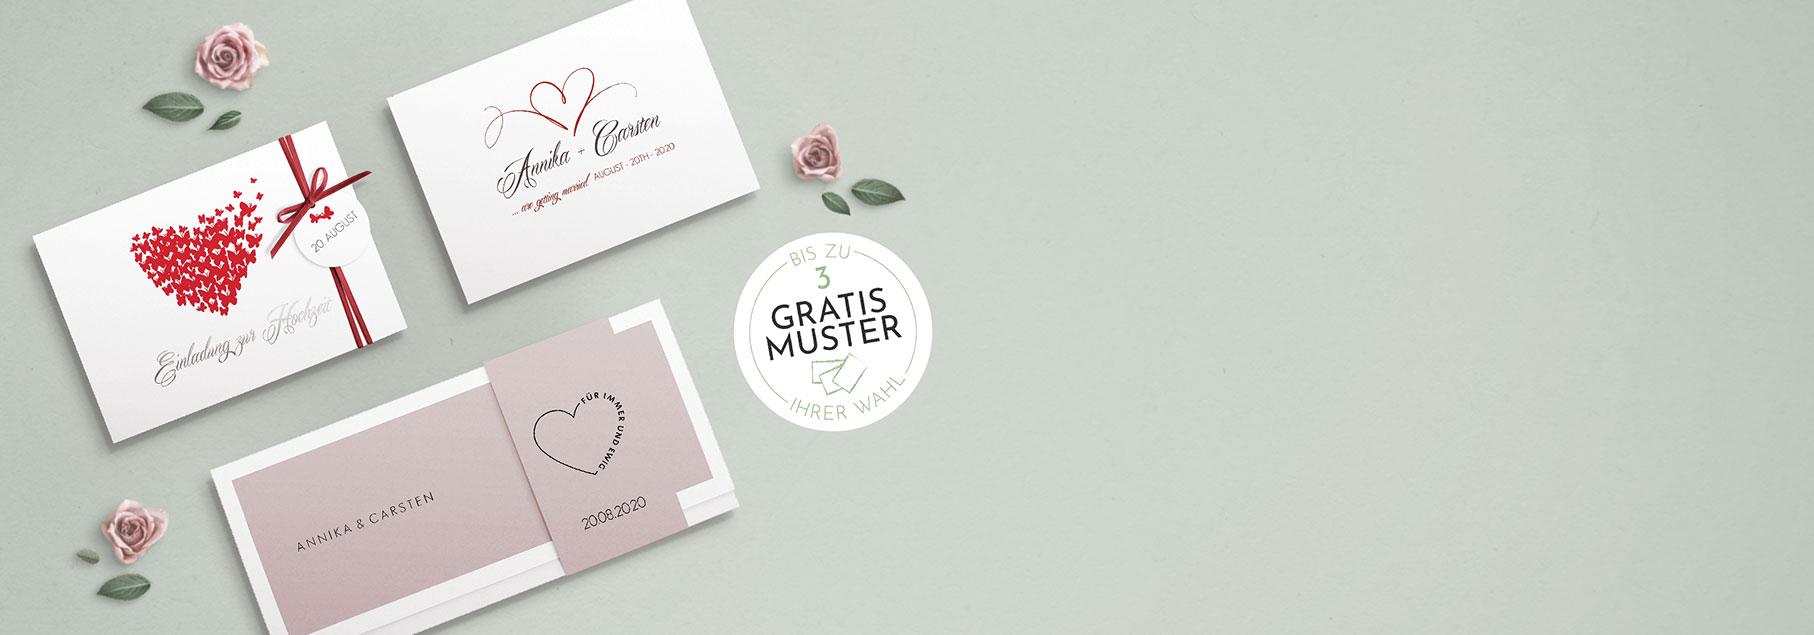 Klassiker Hochzeitseinladungskarten